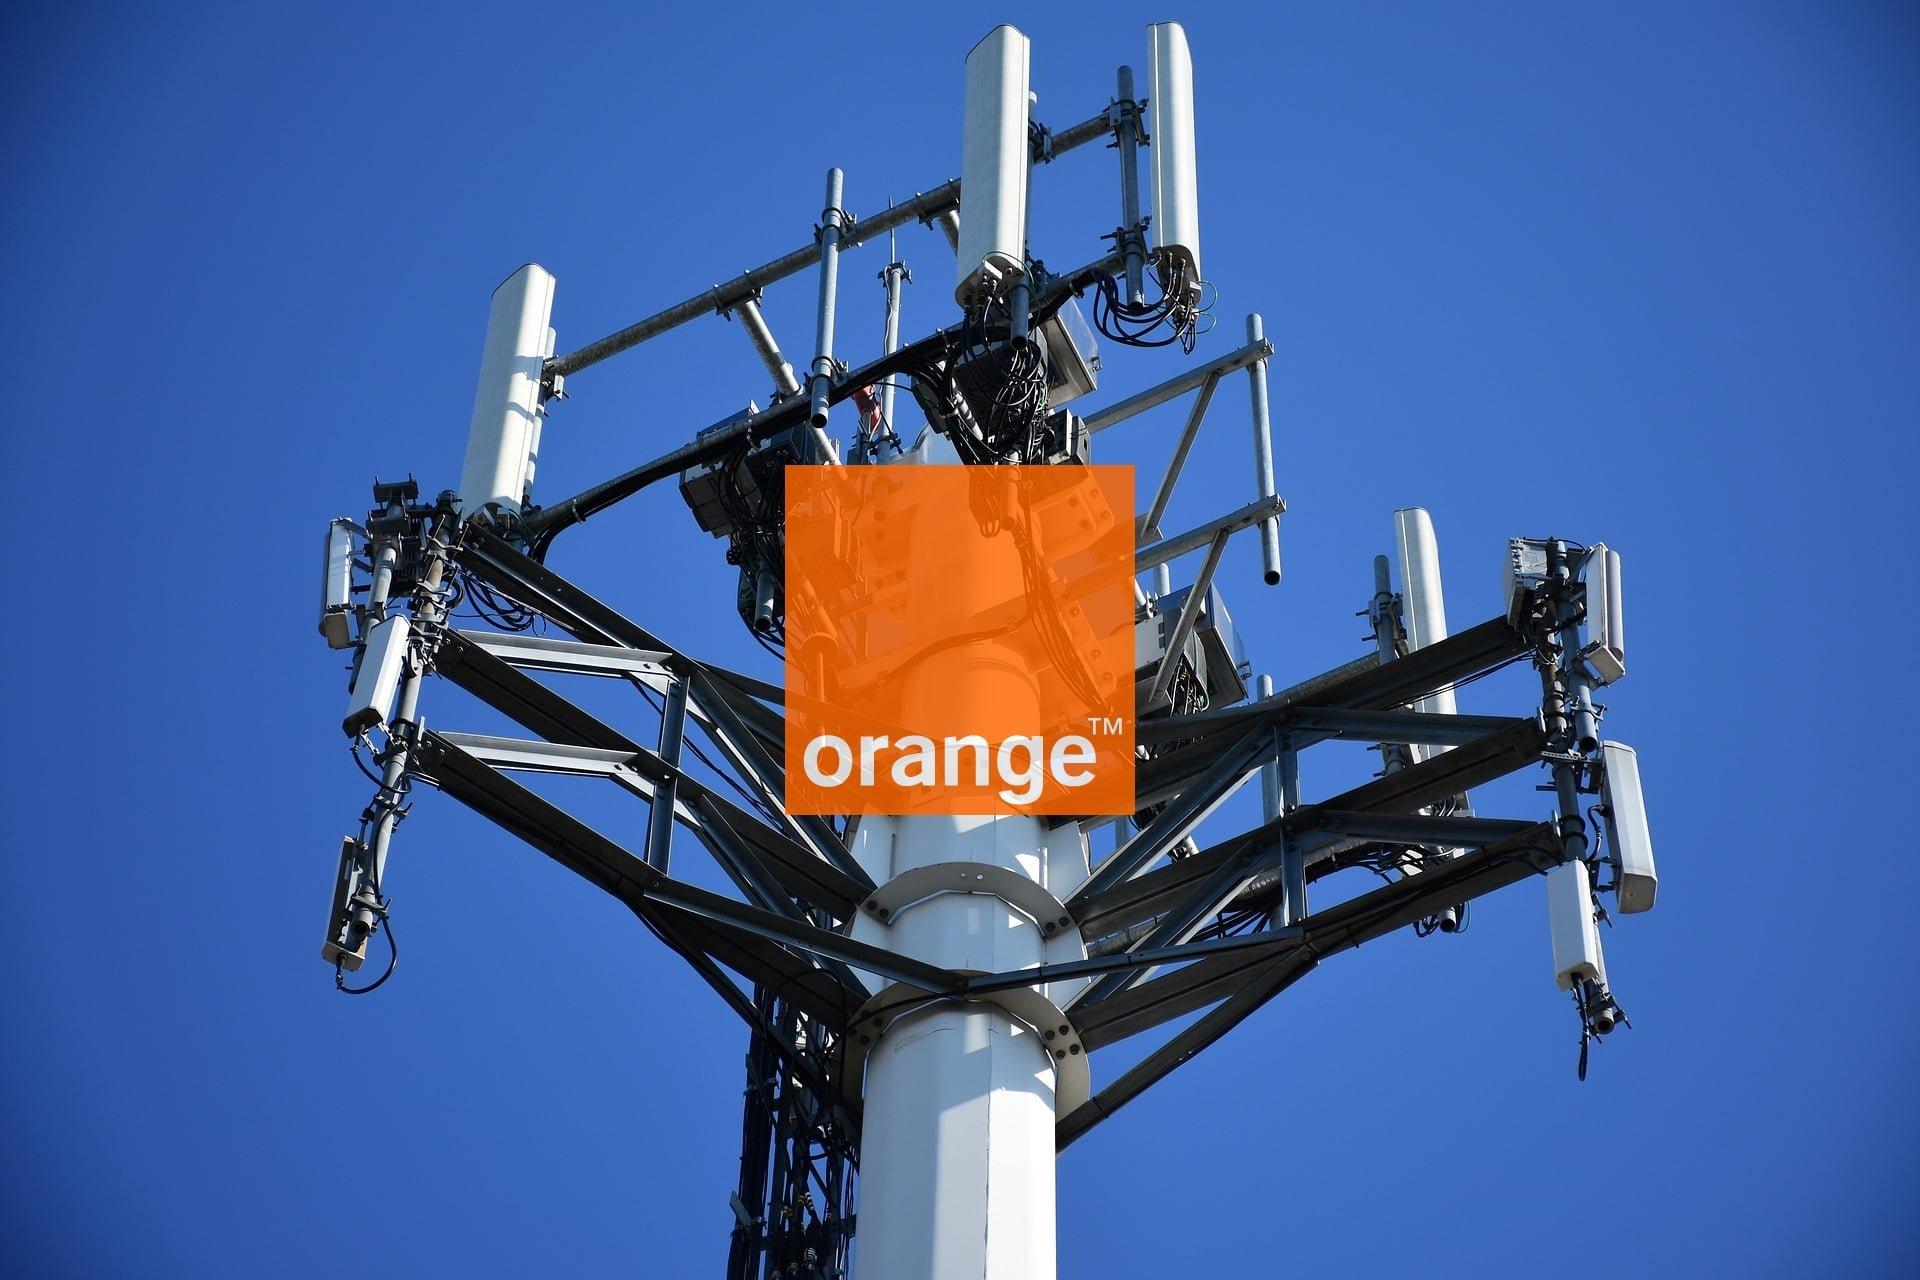 Orange zapowiada uruchomienie sieci 5G. Klienci mogą się już ustwiać w kolejce, jeśli chcą z niej skorzystać